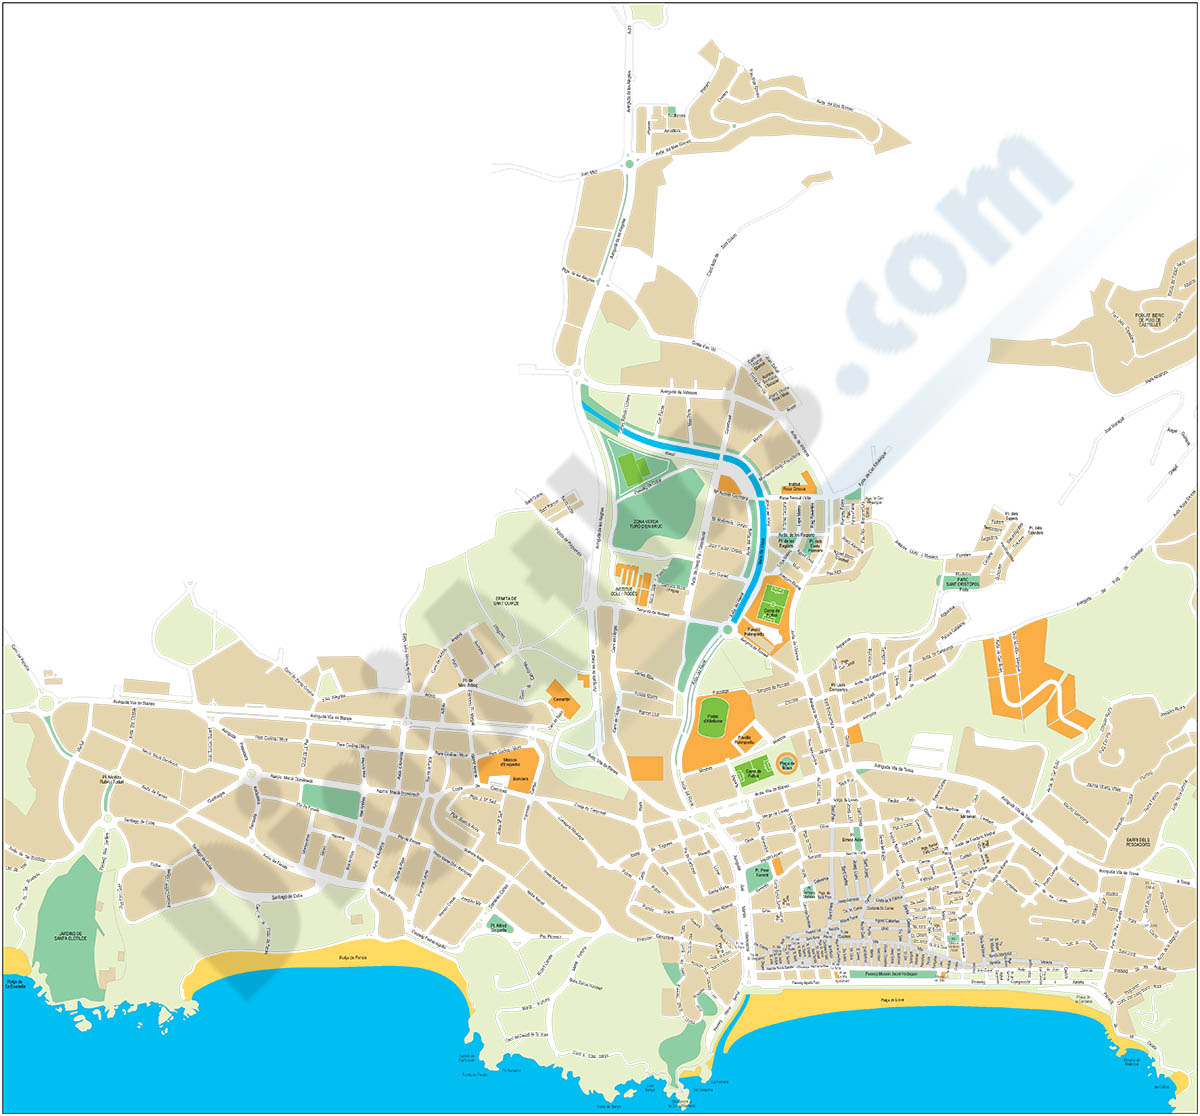 Lloret de Mar (Girona) - city map